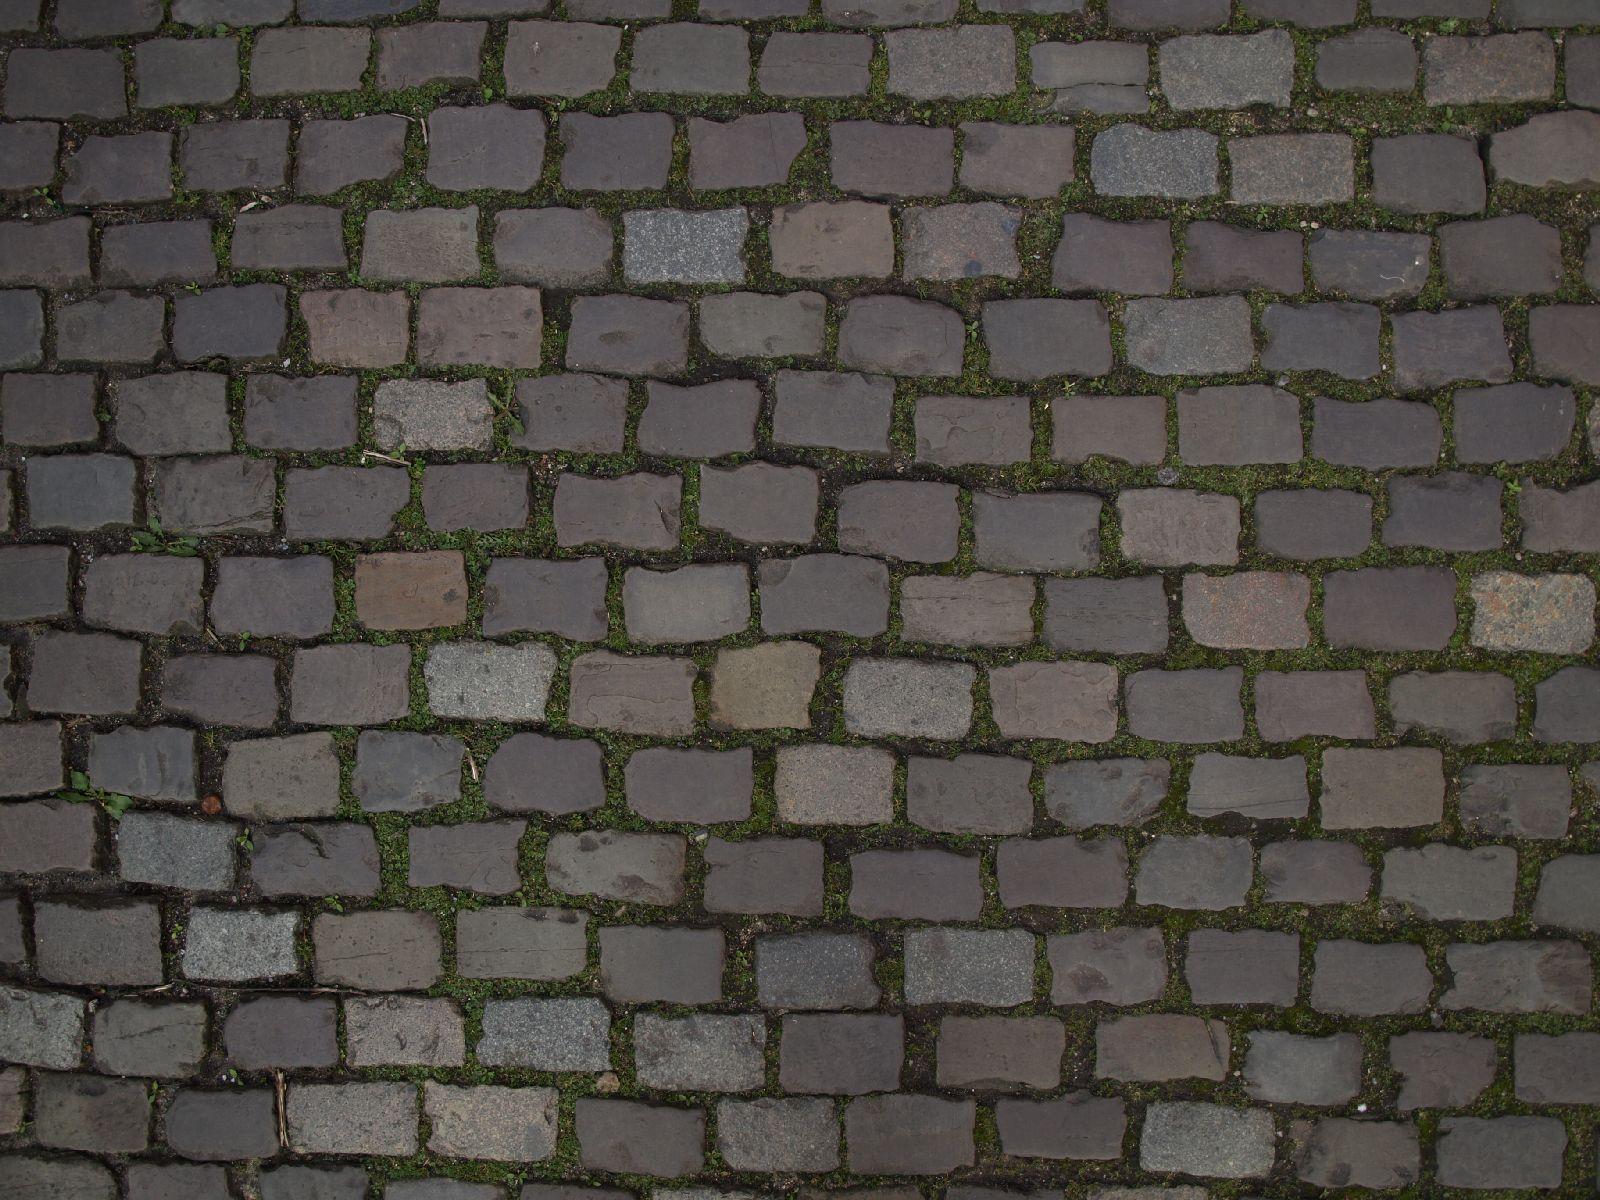 Boden-Gehweg-Strasse-Buergersteig-Textur_A_P4100573